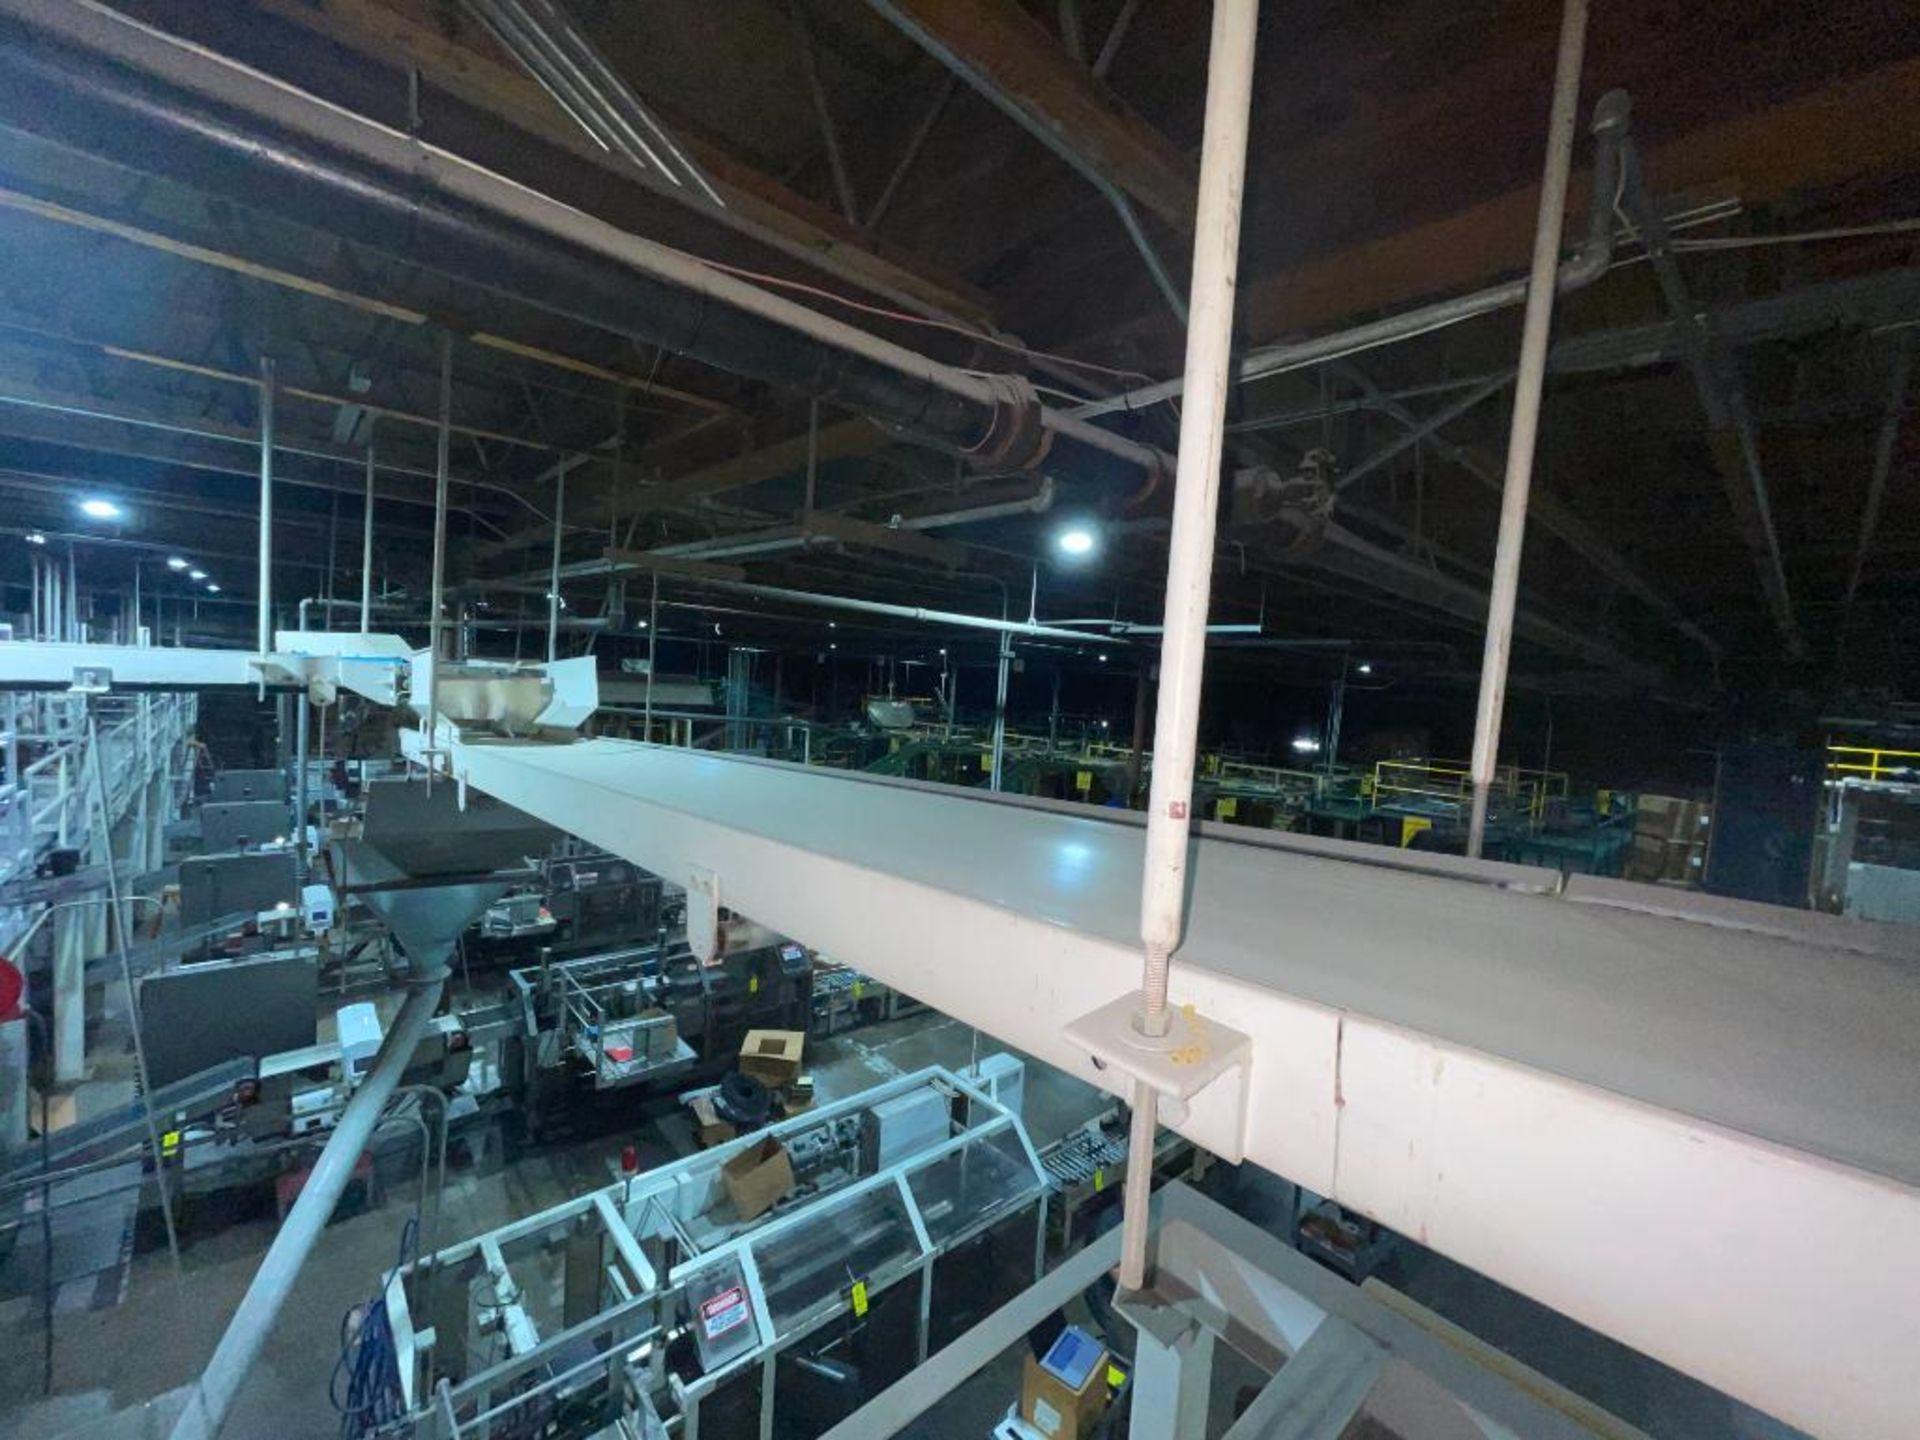 mild steel overhead belt conveyor - Image 8 of 10